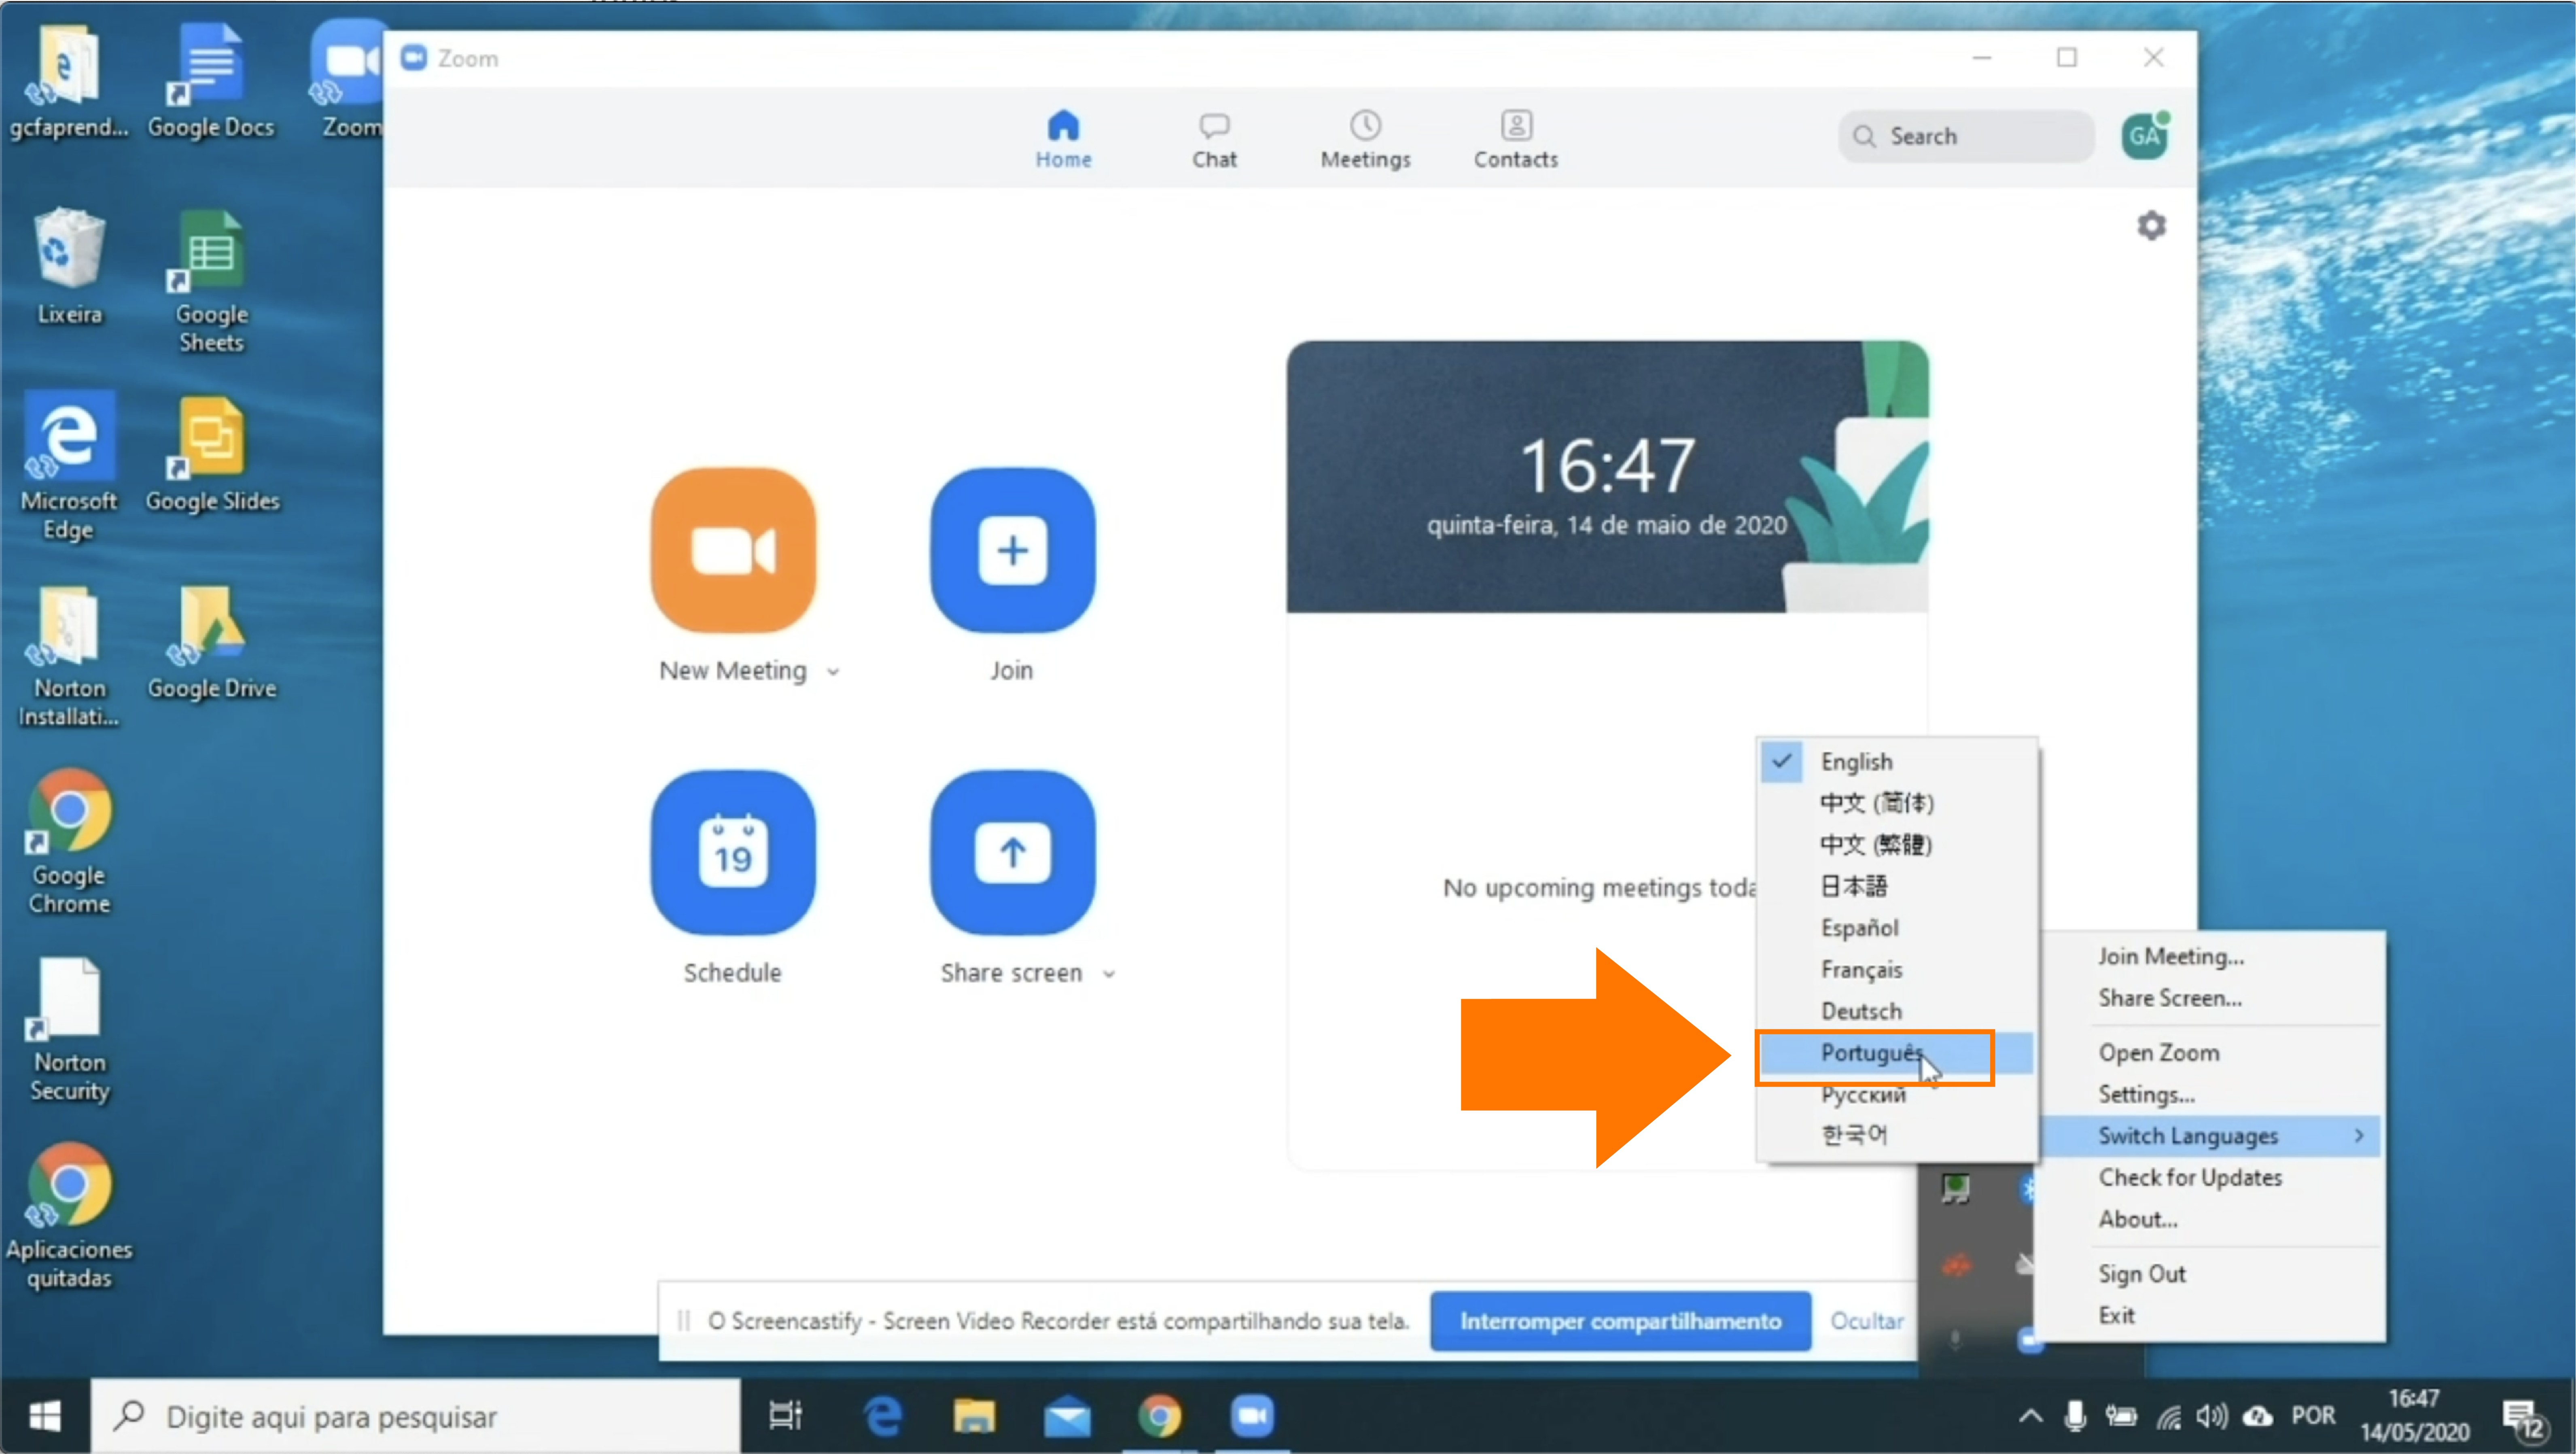 Imagem como passar o idioma do Zoom para o português em um computador Windows3